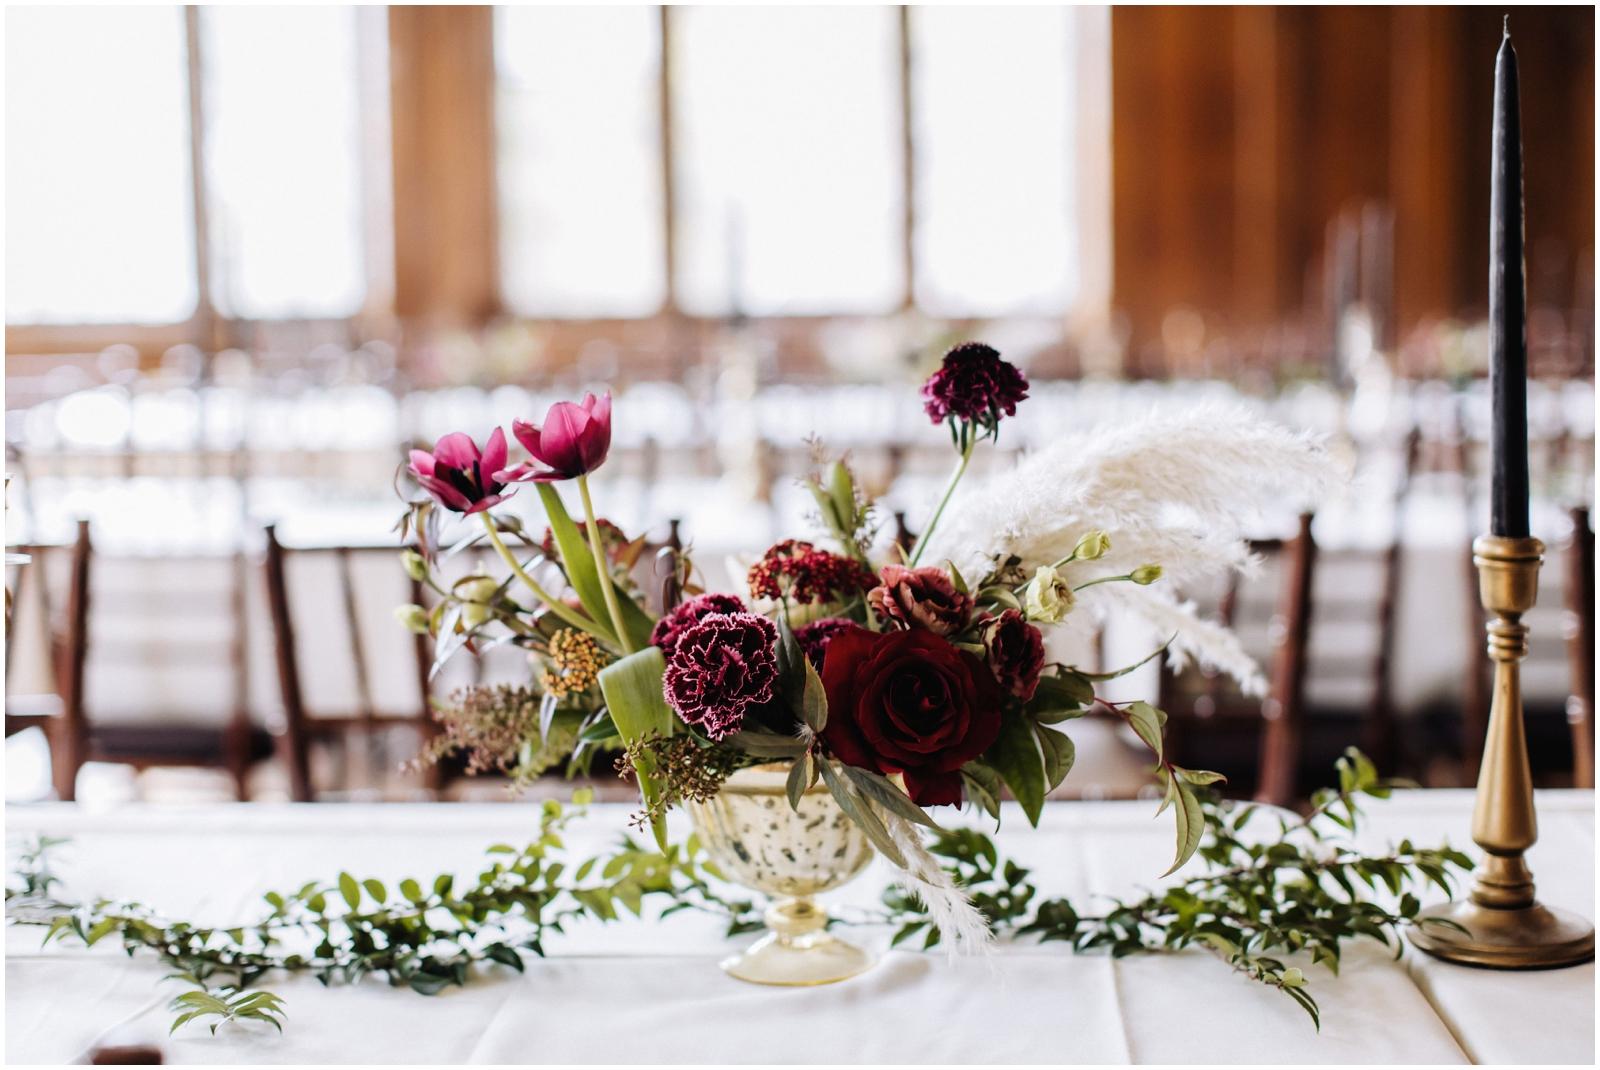 Minnesota Wedding Planner, Mpls Wedding Planner, Machine Shop MPLS, Mpls Wedding Venue. Wedding Reception details. Wedding Reception centerpieces.